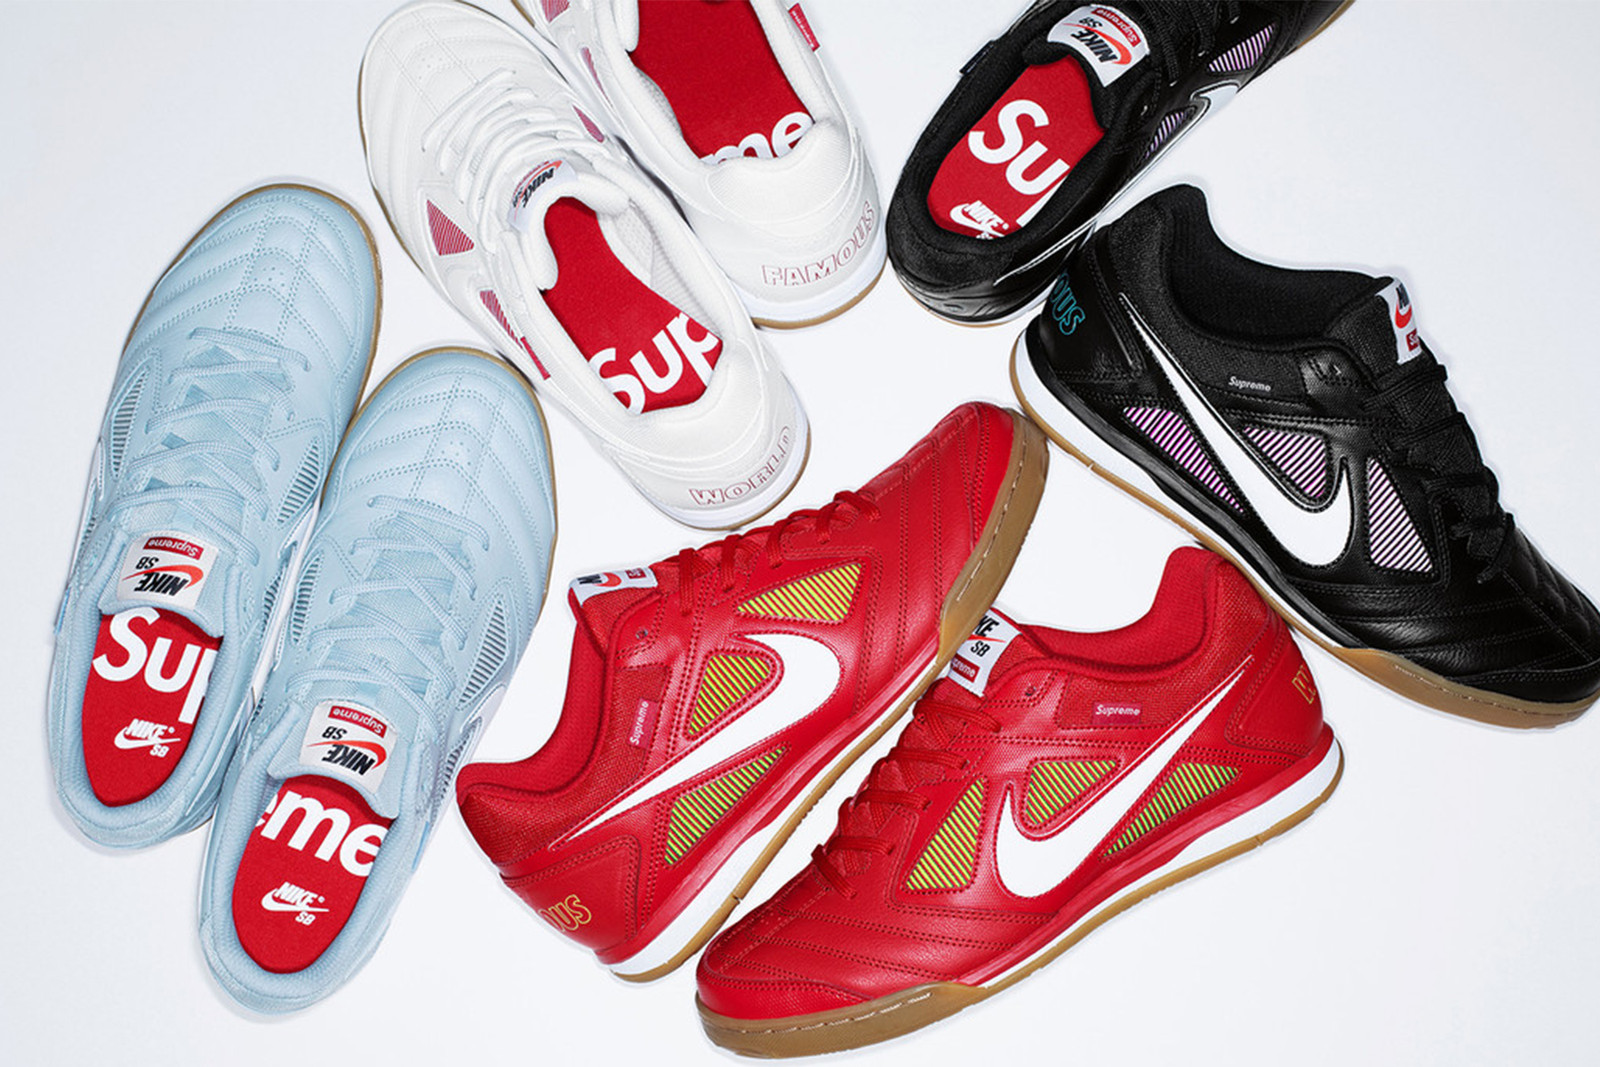 見逃したくない今週のリリースアイテム 6 選(2018|9/3~9/9)ストリートの王様〈Supreme〉を筆頭に〈Nike〉とのコラボアイテムが続々ローンチ HYPEBEAST ハイプビースト